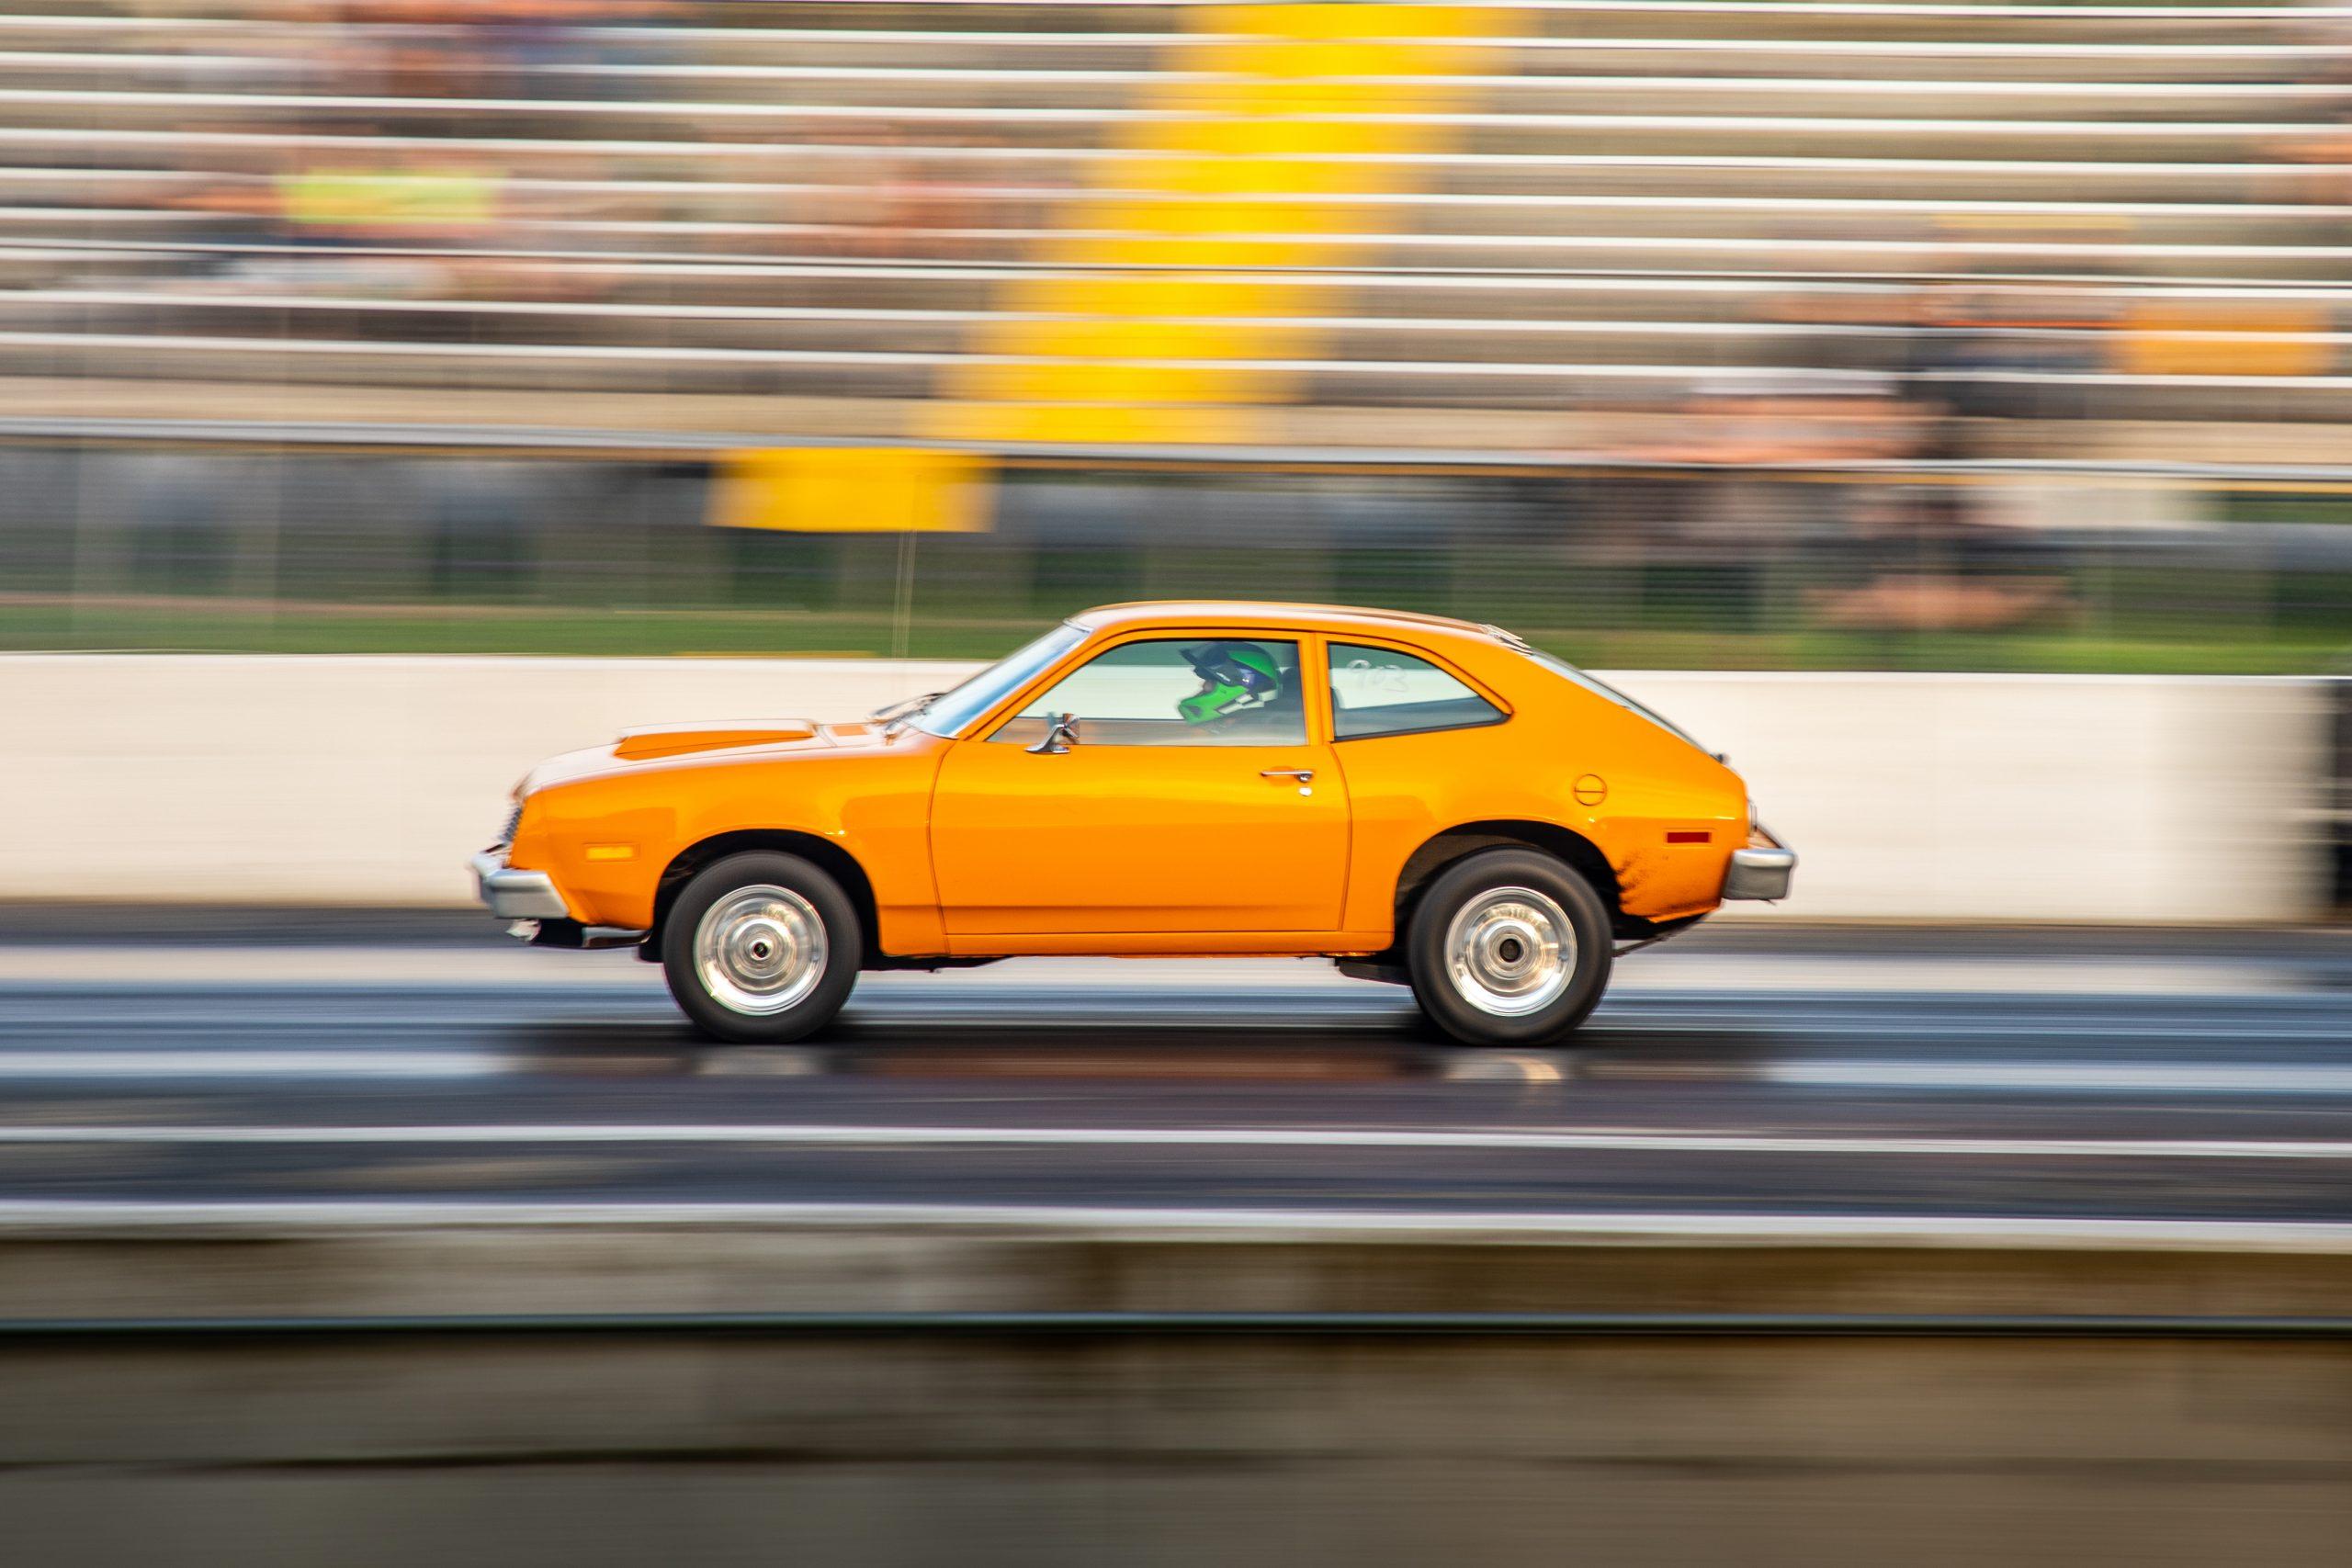 Milan Nostalgia Drags Ford Pinto